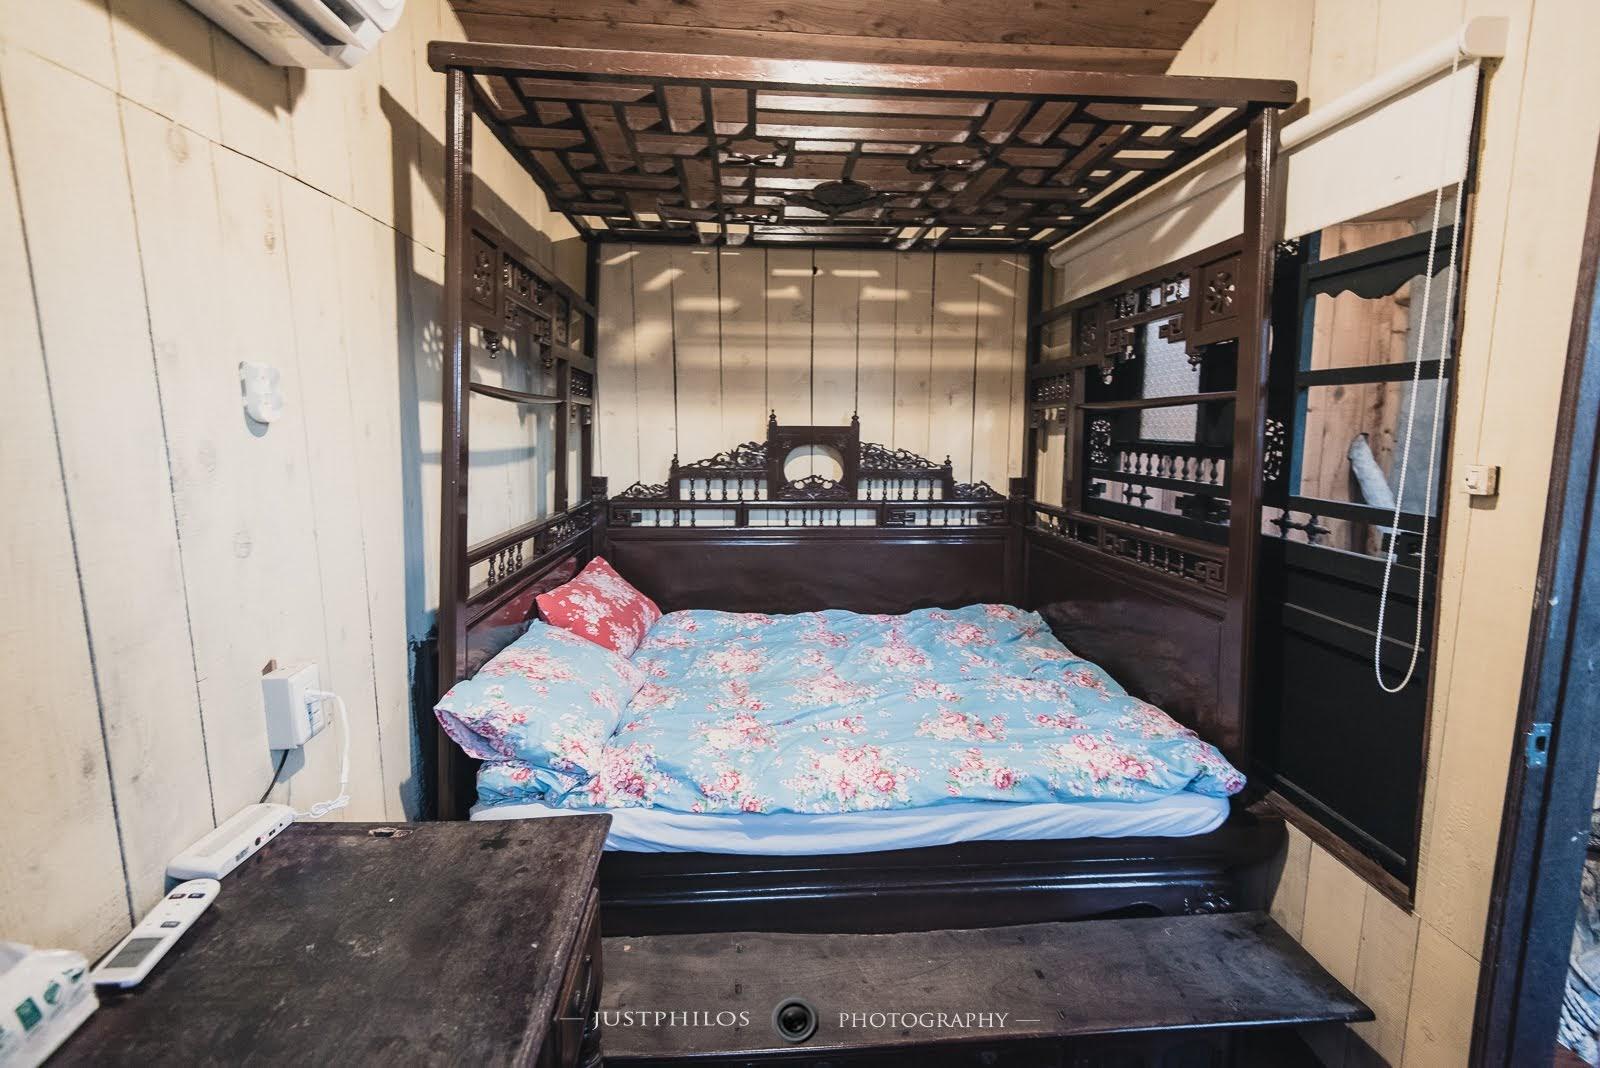 三樓的樹屋閣樓則是有一張滿有年紀的老床,當天兩位男生擠在這小空間內還算OK。(友人身高為180公分說不會踢到床尾)